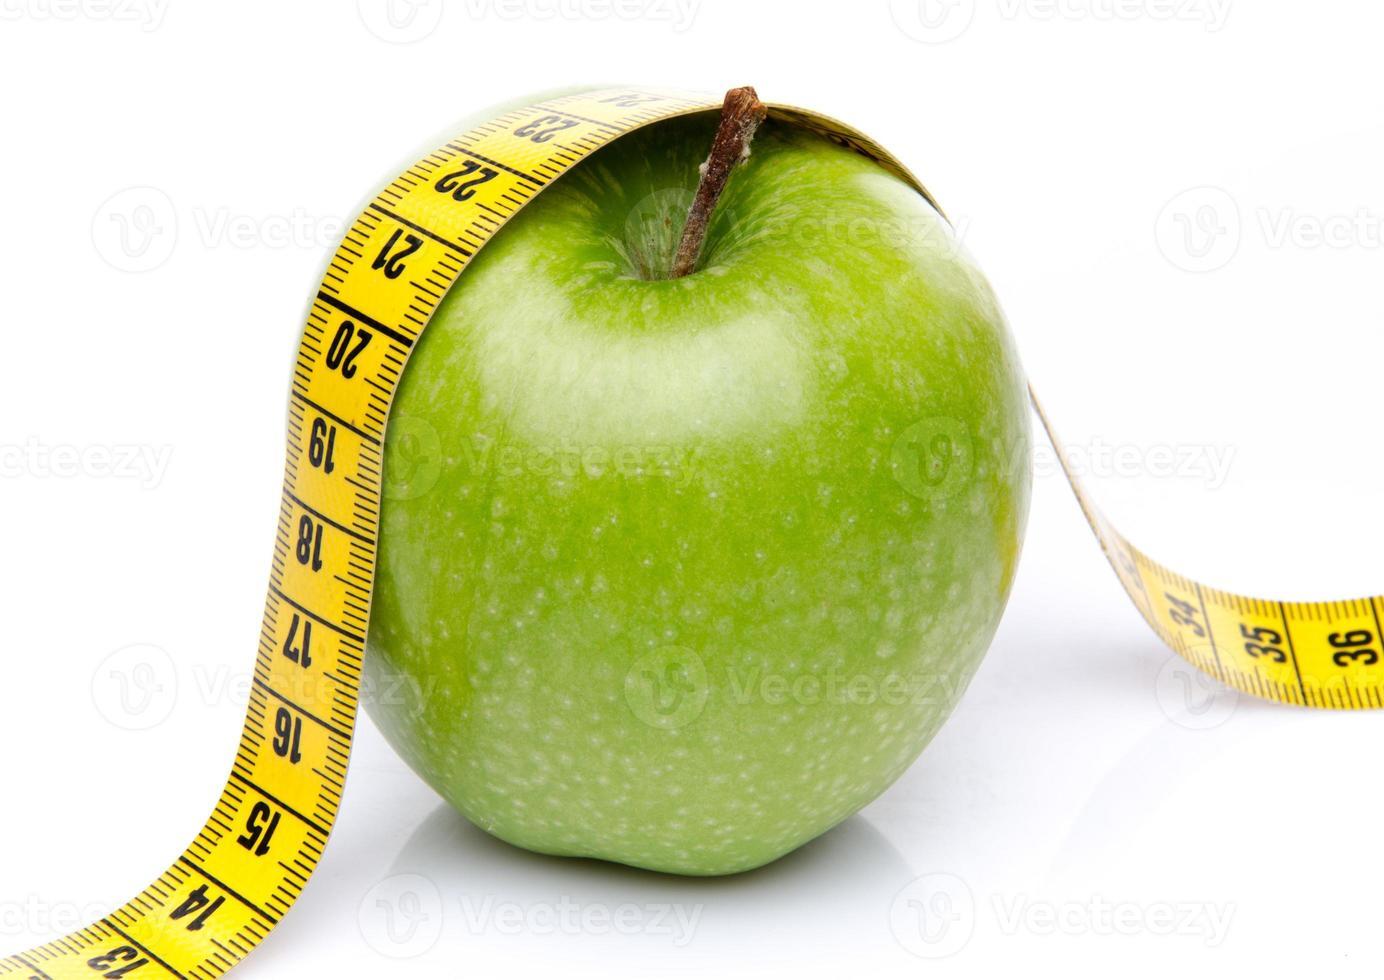 cinta métrica en una manzana verde foto